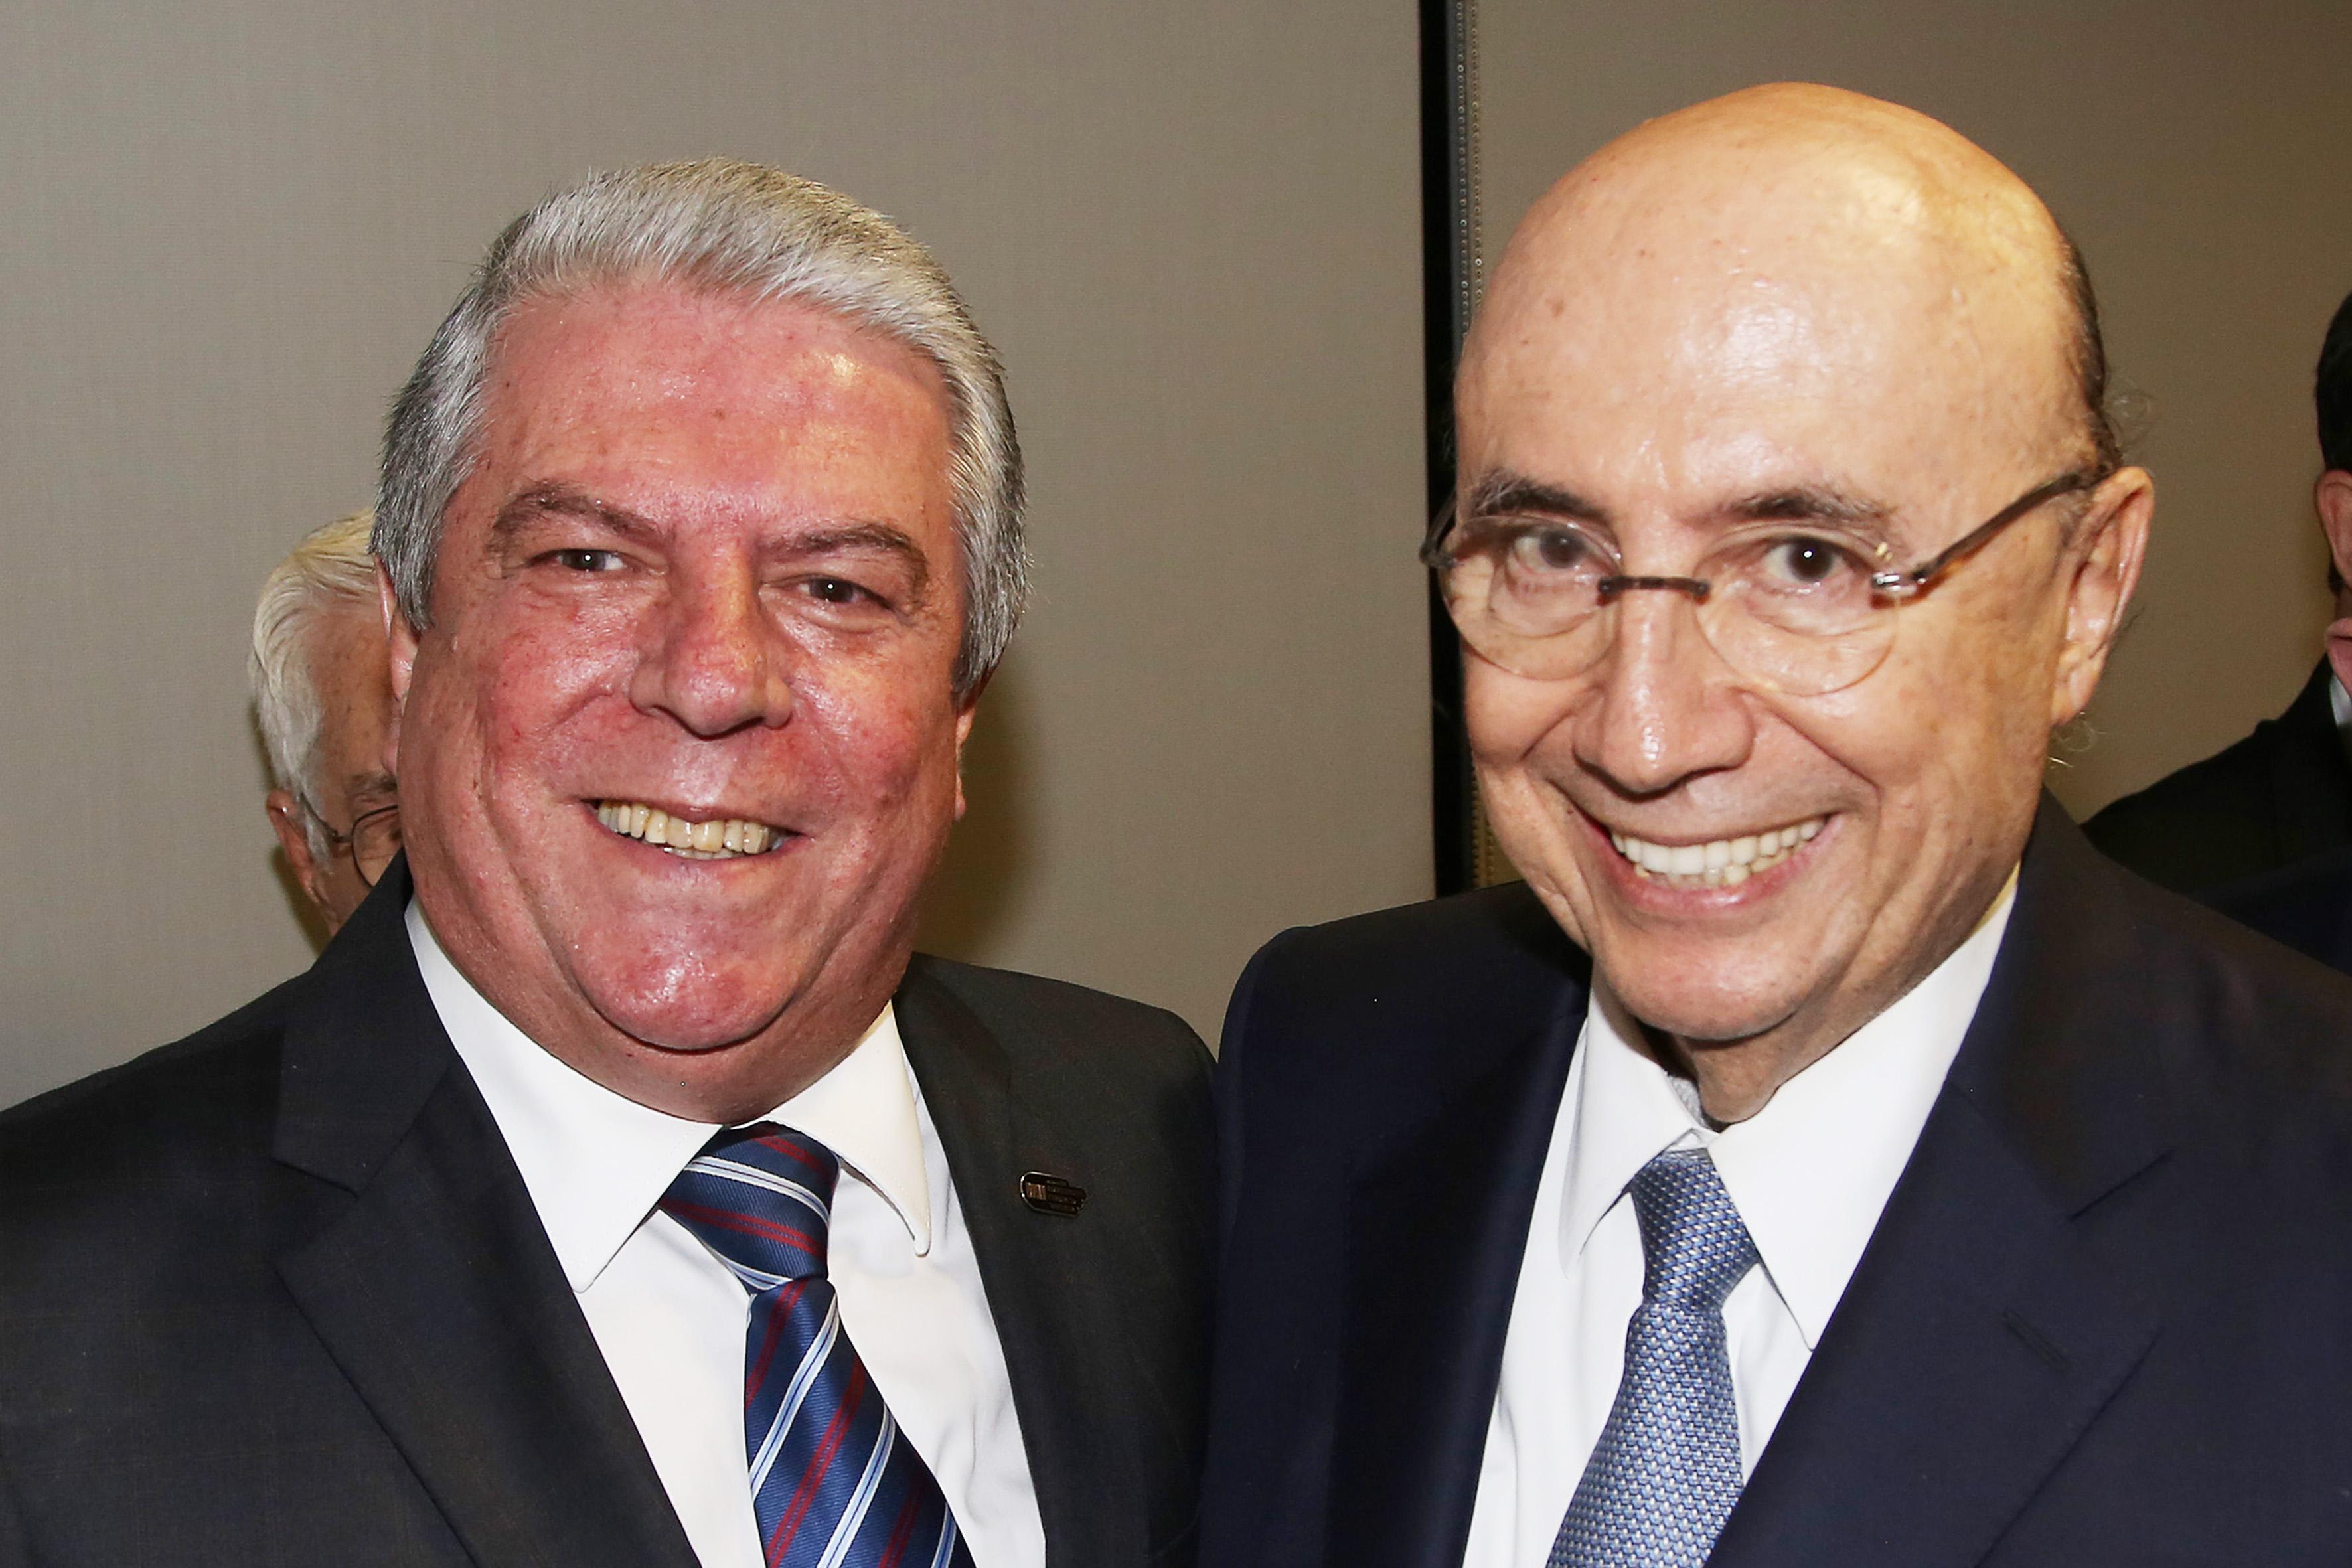 30/10/2017 - Fecomercio - Plenaria_das_Diretorias_Fecomercio_e_Cecomercio  - São Paulo  - SP